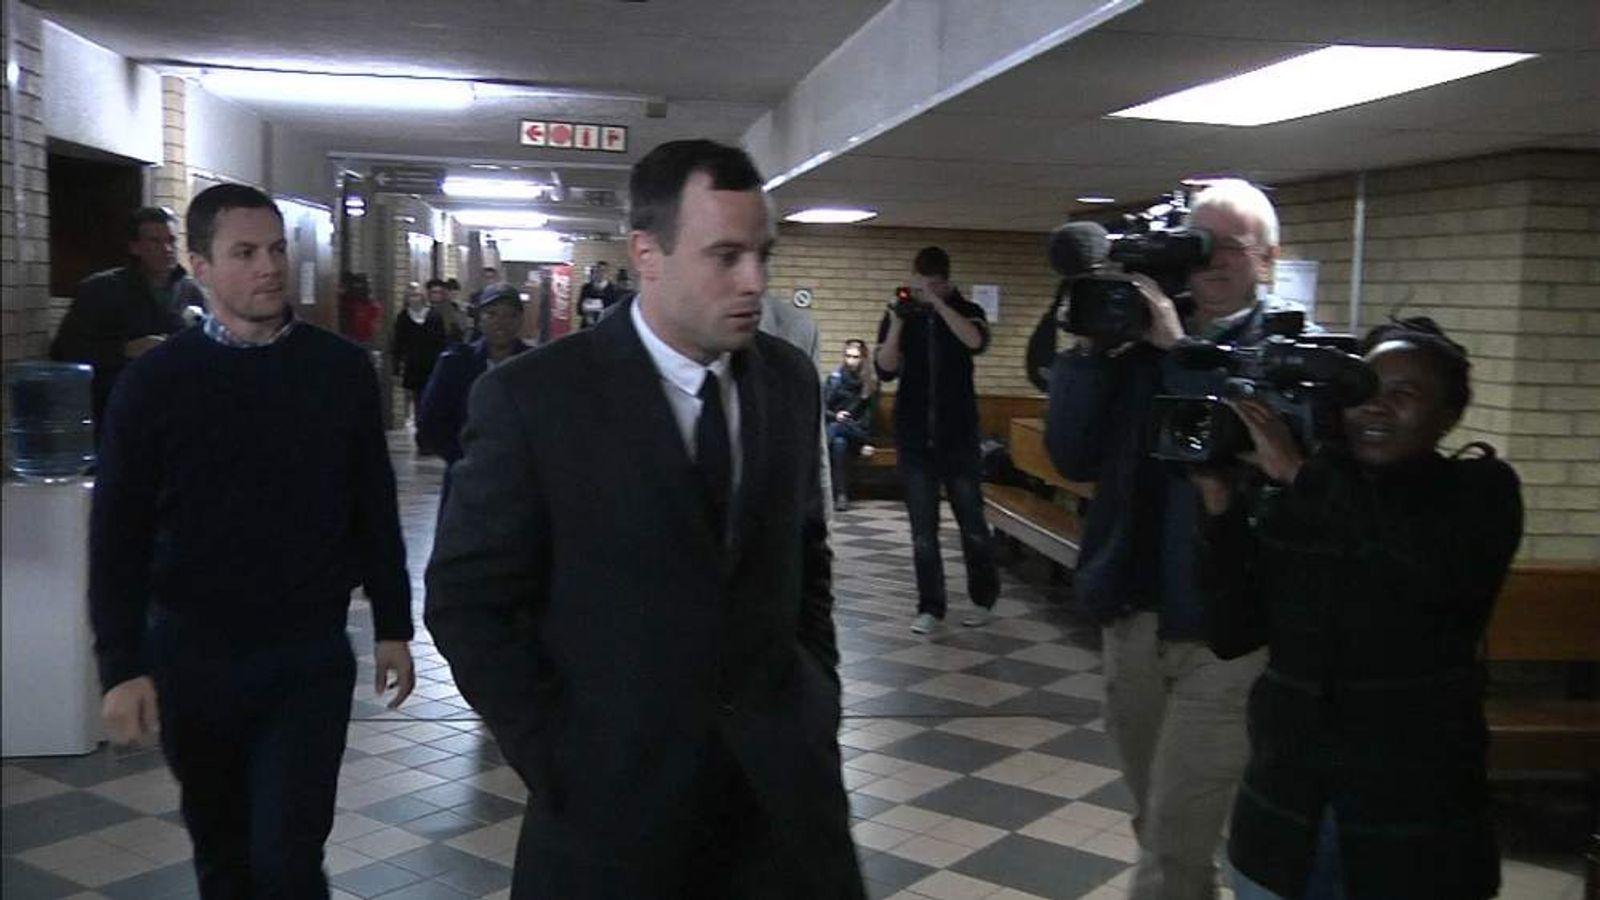 Oscar Pistorius arrives at court in Pretoria